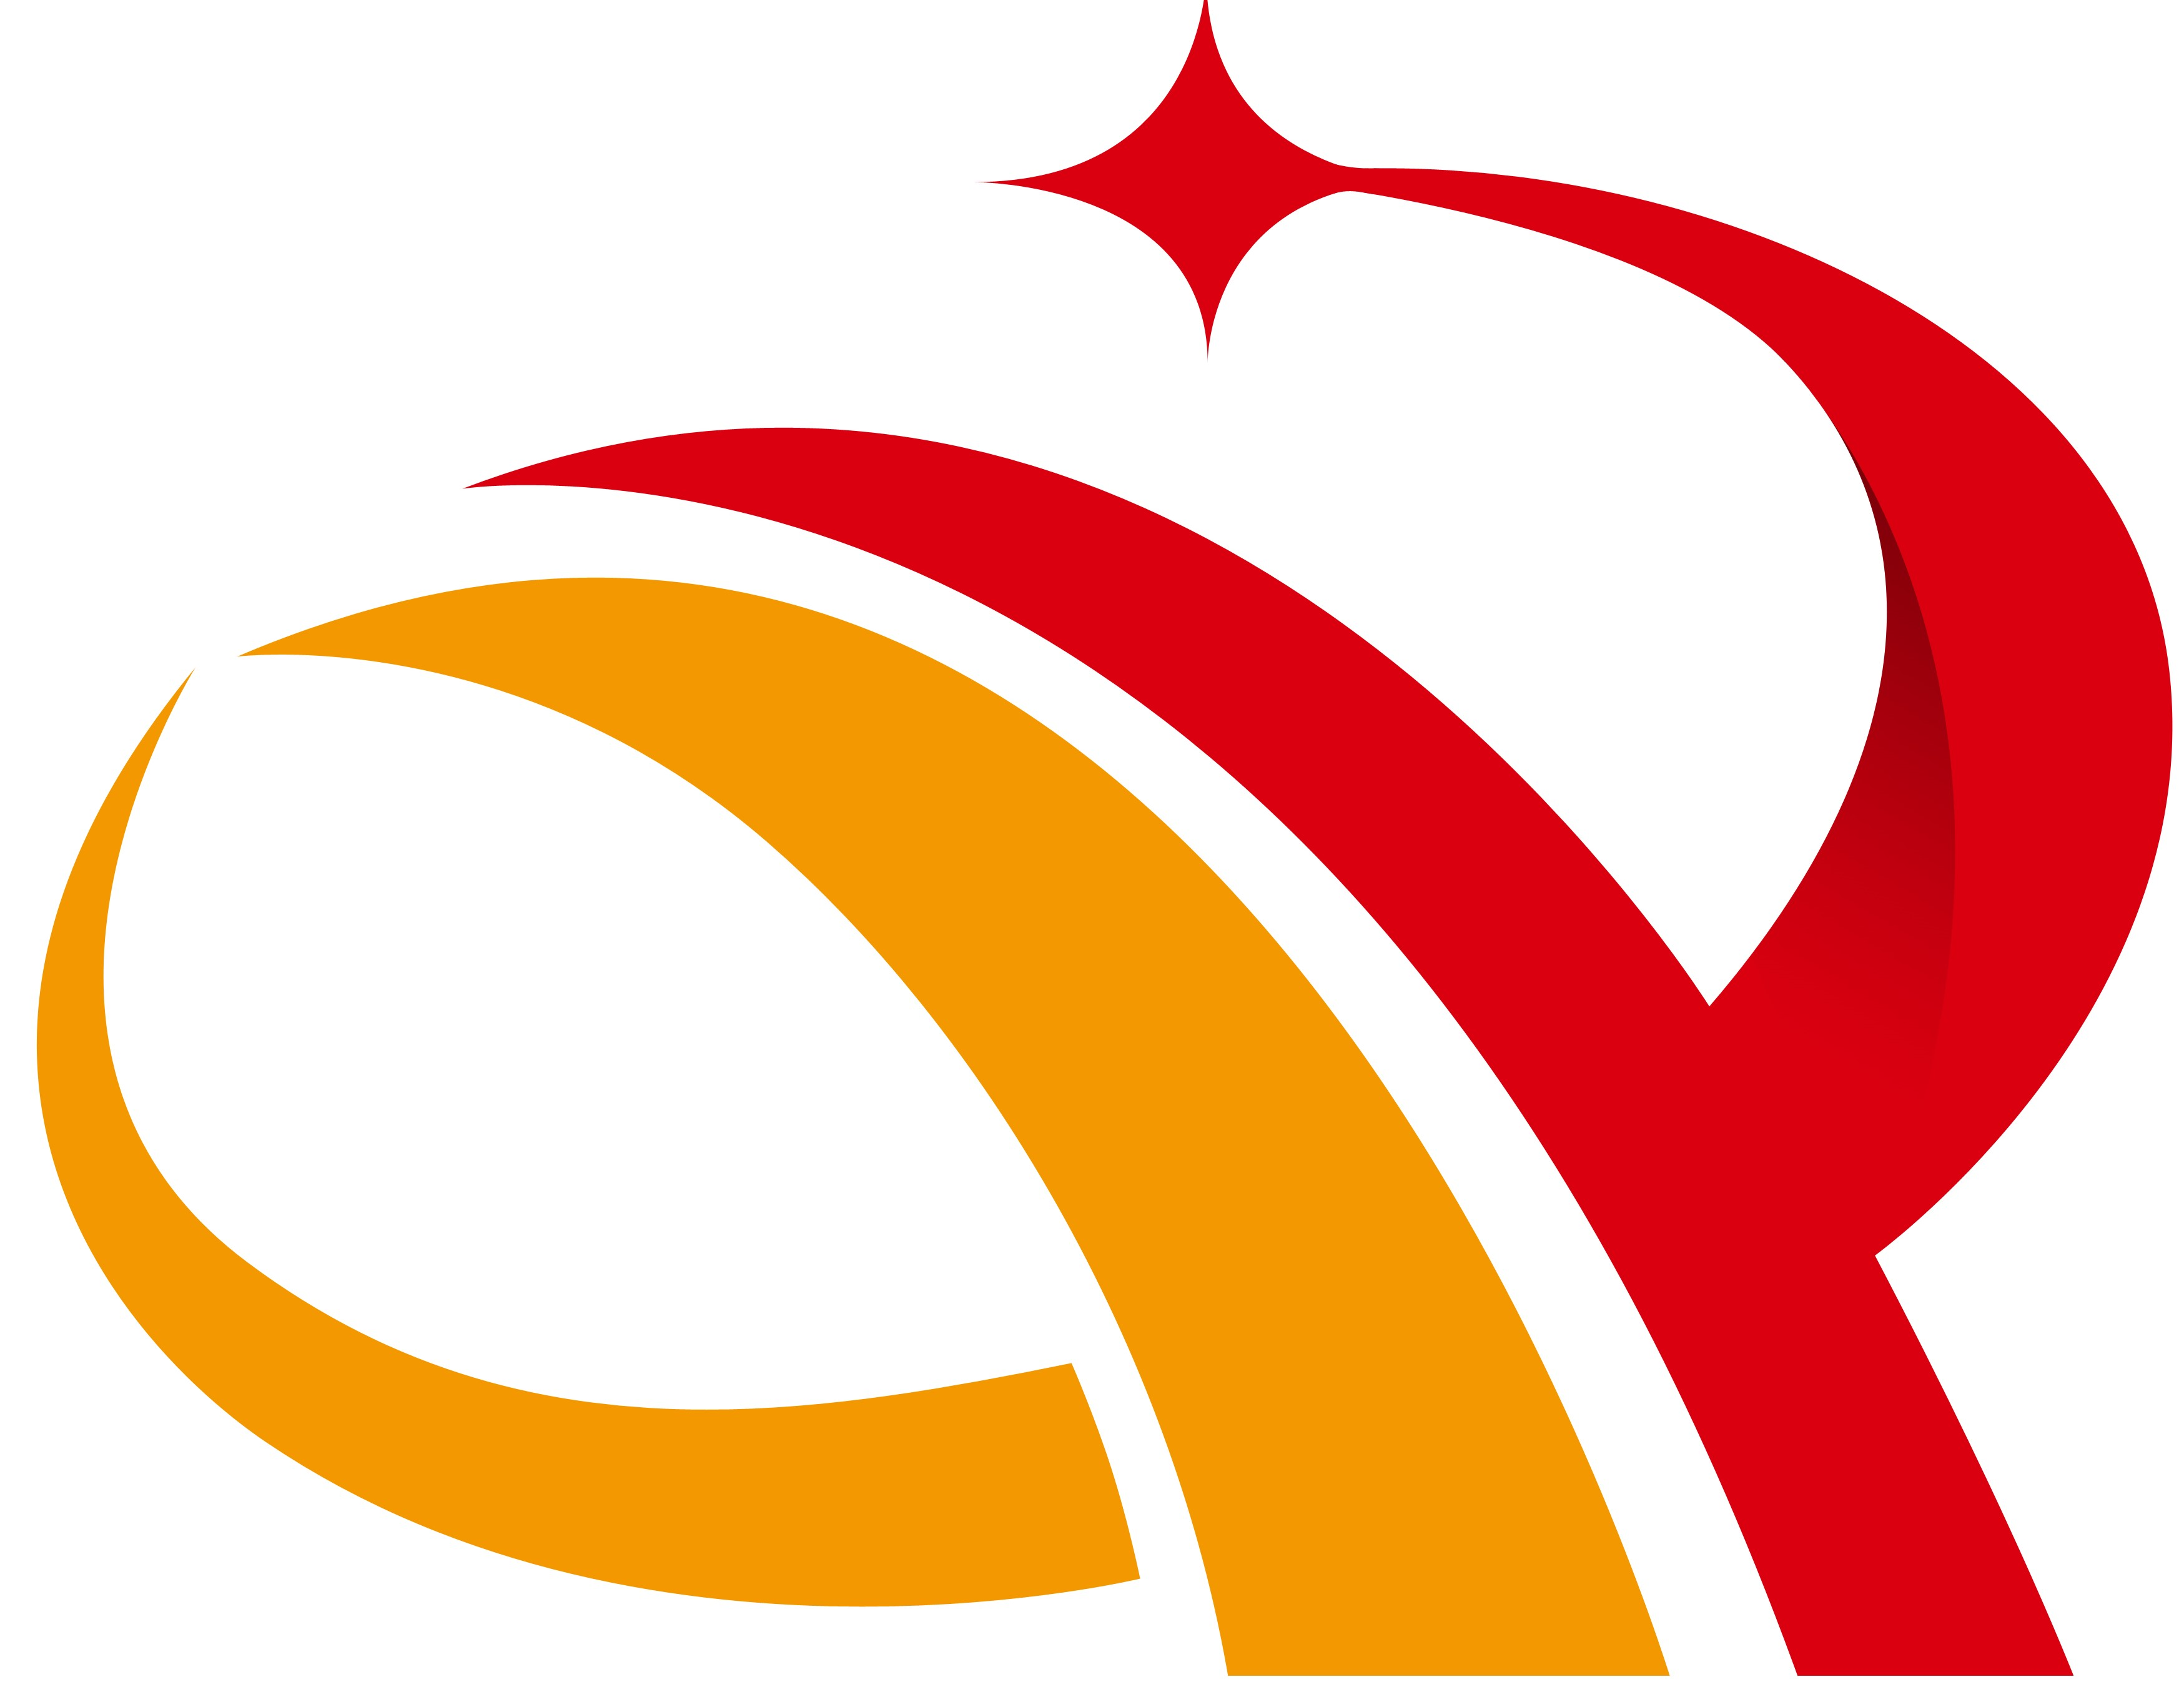 logo logo 标志 设计 矢量 矢量图 素材 图标 3497_2709